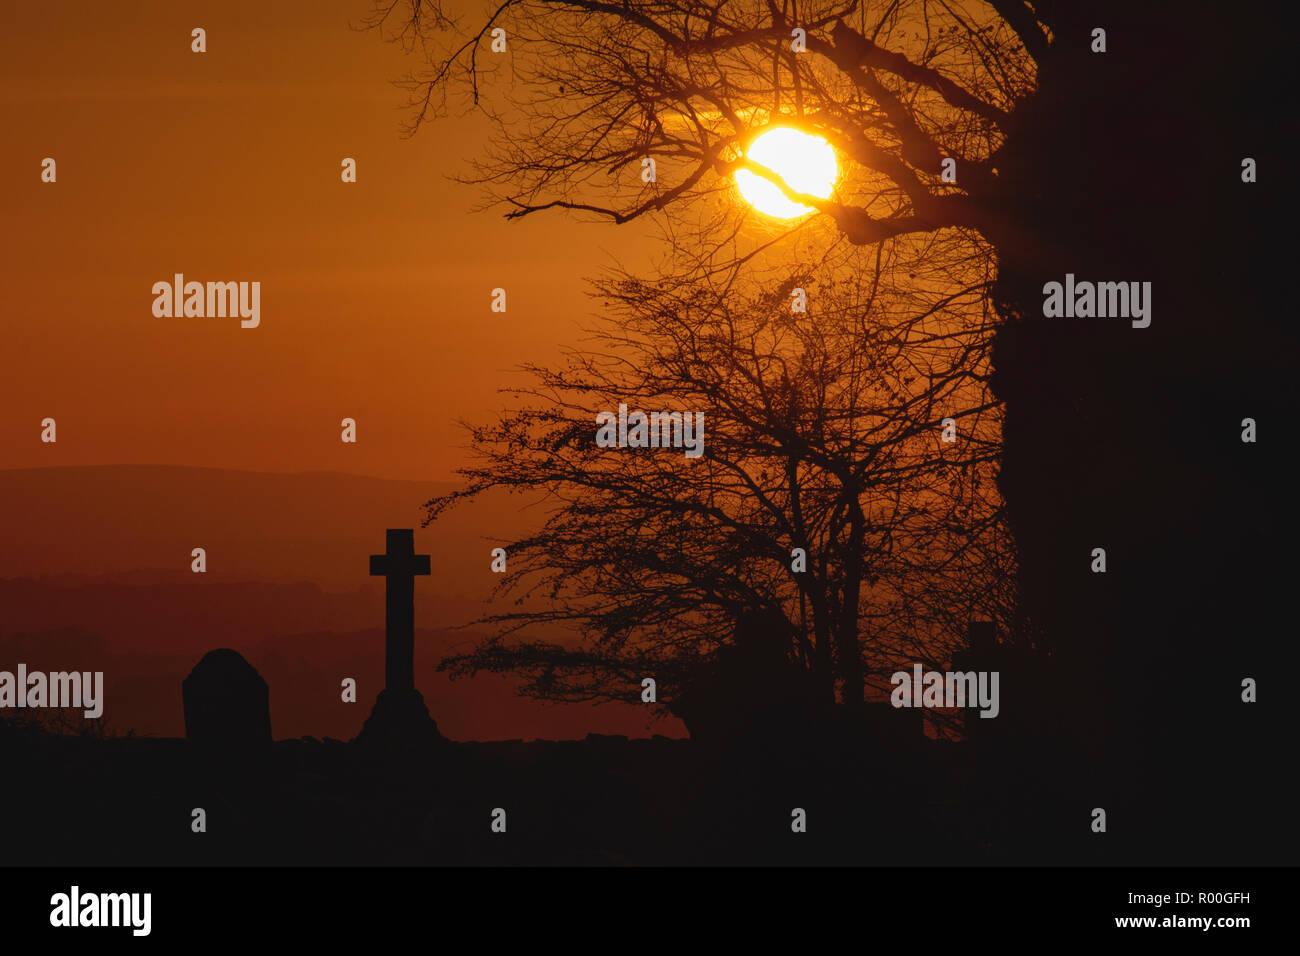 Teh sun Einstellung auf lanssown Friedhof in der Badewanne mit dem Kreuz und Baum silhoutted Stockbild